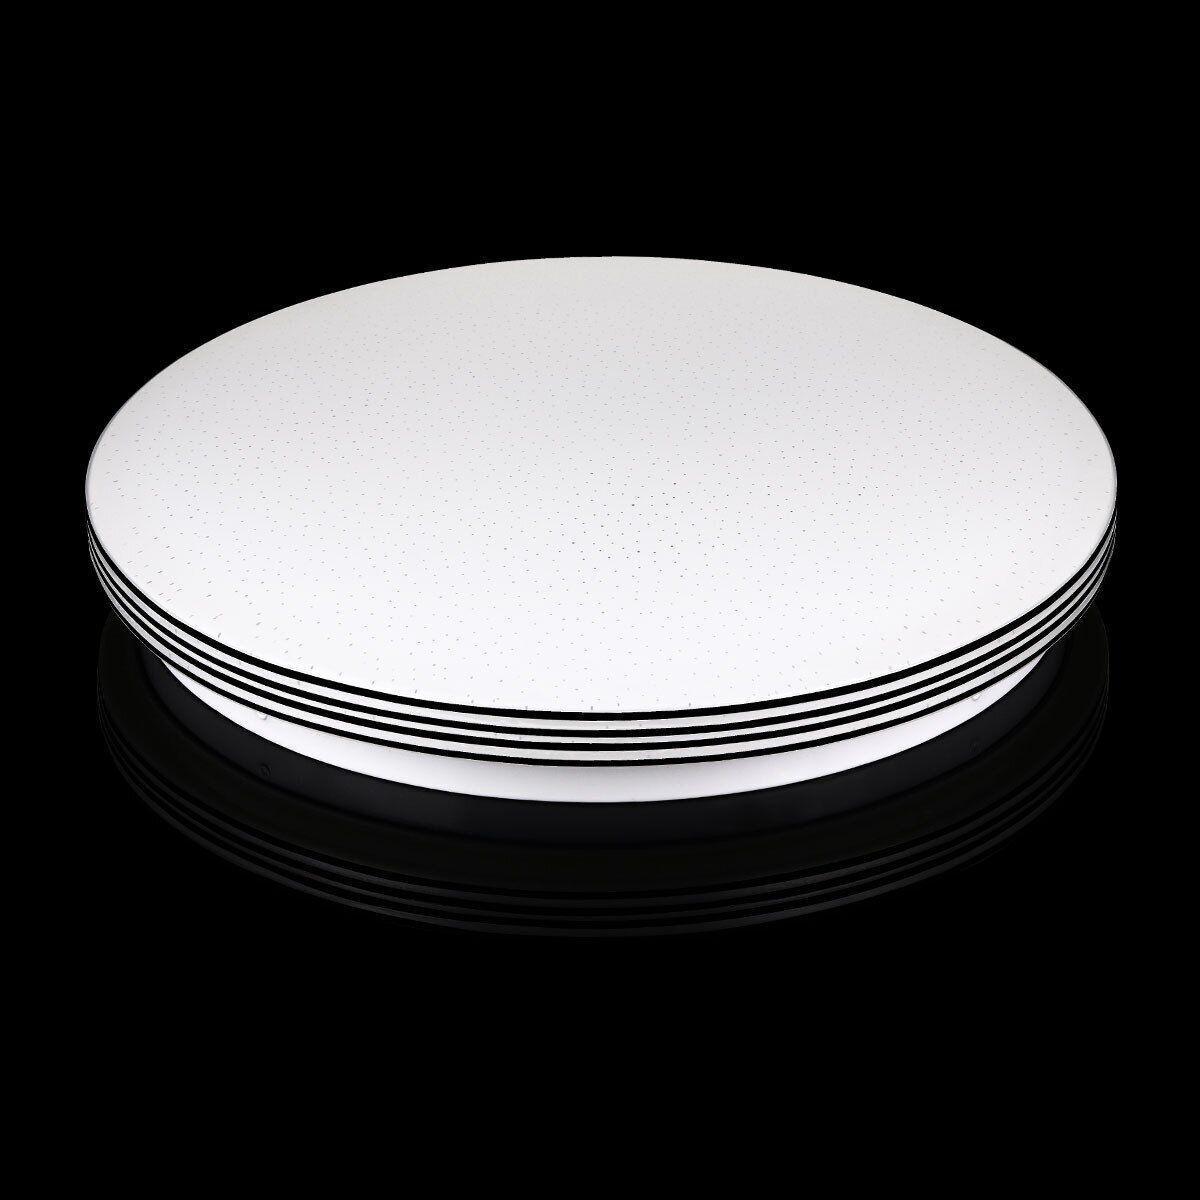 Светильник светодиодный Biom SMART DEL-R04-18 4500K 18Вт без д/у